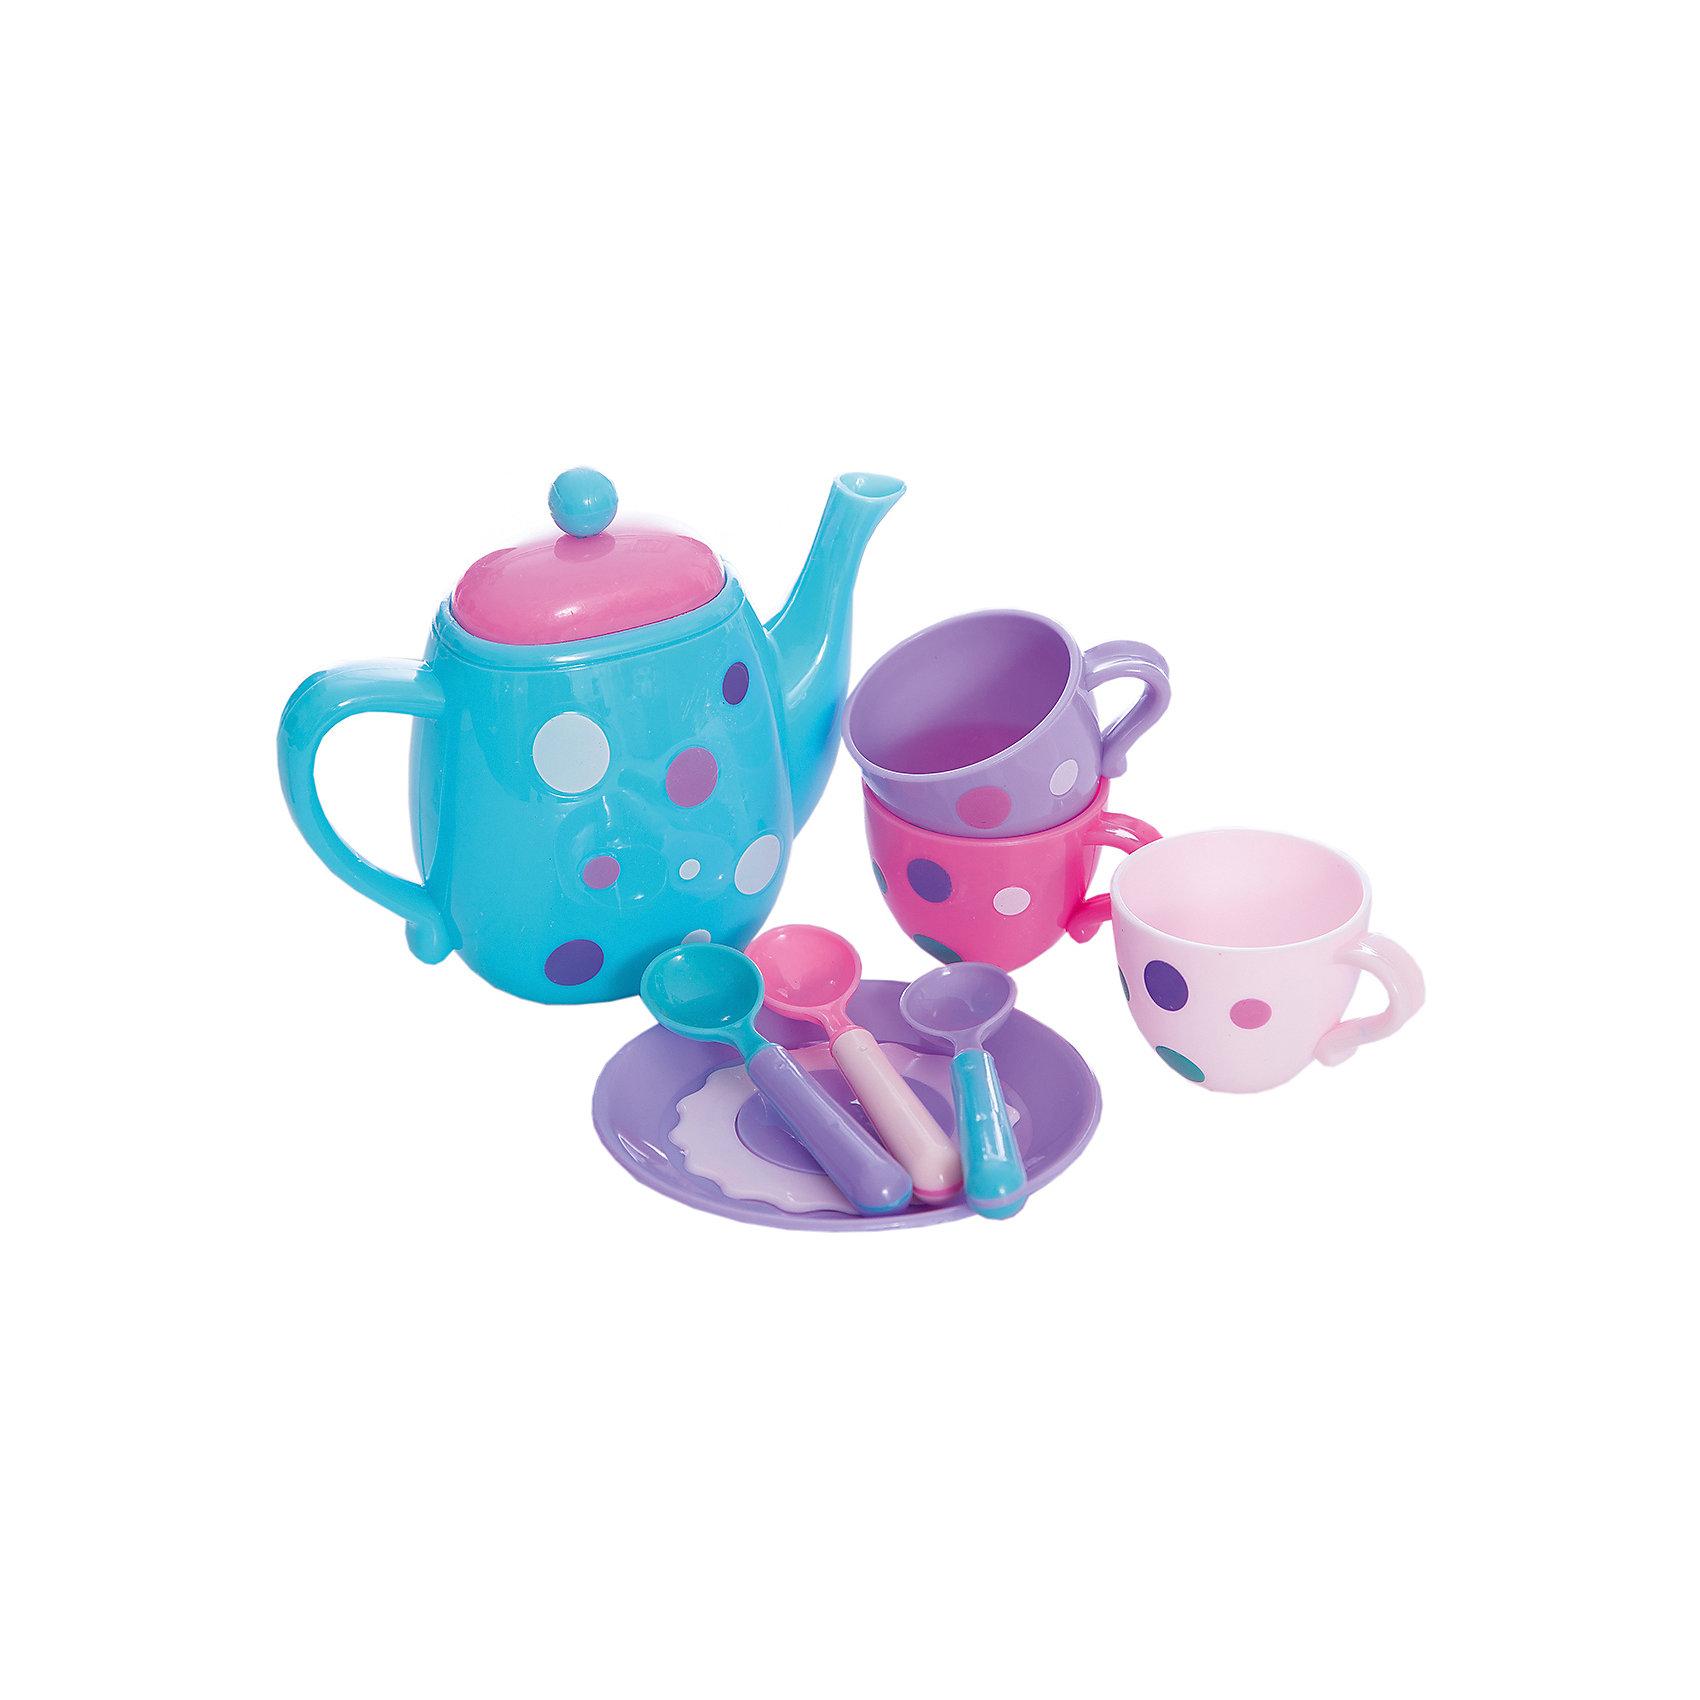 Набор посудки Время для чая, MeLaLaНабор посудки Время для чая, MeLaLa.<br><br>Характеристики:<br><br>• приятный дизайн<br>• набор полностью безопасен для ребенка<br>• материал: пластик <br>• в комплекте: 3 кружки, блюдце, 3 ложечки, чайник<br>• размер упаковки: 20х6х28 см<br>• вес: 230 грамм<br><br>Время для чая - восхитительный набор игрушечной посуды. Девочка сможет угостить игрушки чаем и печеньем. Настоящий десерт можно положить на тарелку и предложить девочке угостить подружек. Вся посуда, входящая в комплект, изготовлена из безопасного пластика и имеет приятный дизайн. Эта посуда отлично подойдет для веселого чаепития!<br><br>Набор посудки Время для чая, MeLaLa можно купить в нашем интернет-магазине.<br><br>Ширина мм: 280<br>Глубина мм: 60<br>Высота мм: 200<br>Вес г: 230<br>Возраст от месяцев: 36<br>Возраст до месяцев: 120<br>Пол: Женский<br>Возраст: Детский<br>SKU: 5017679